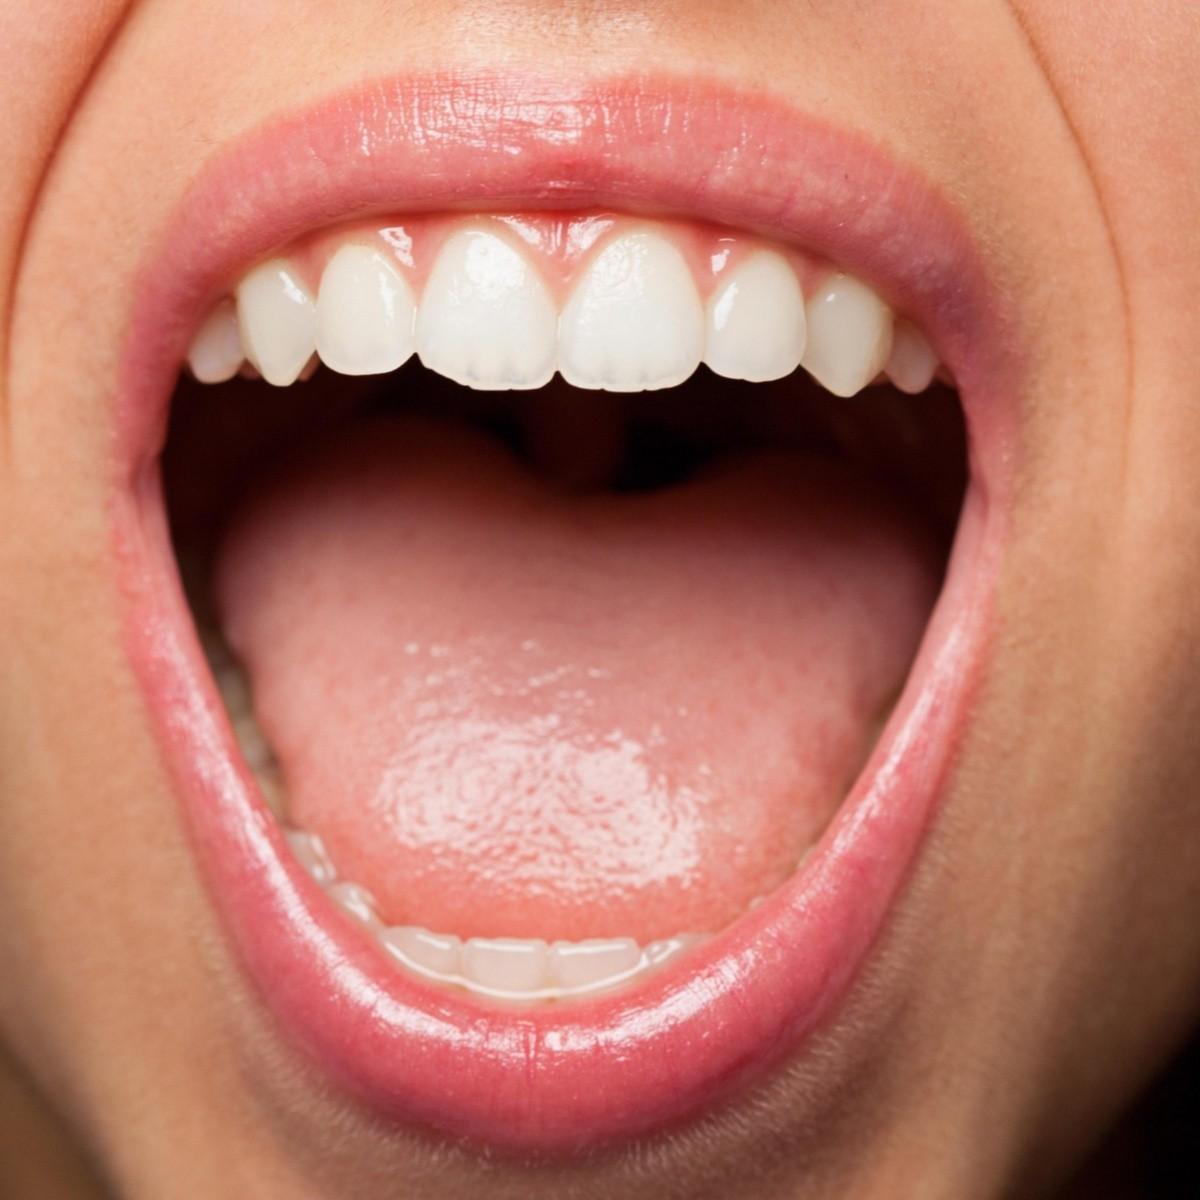 sintomas del papiloma en boca